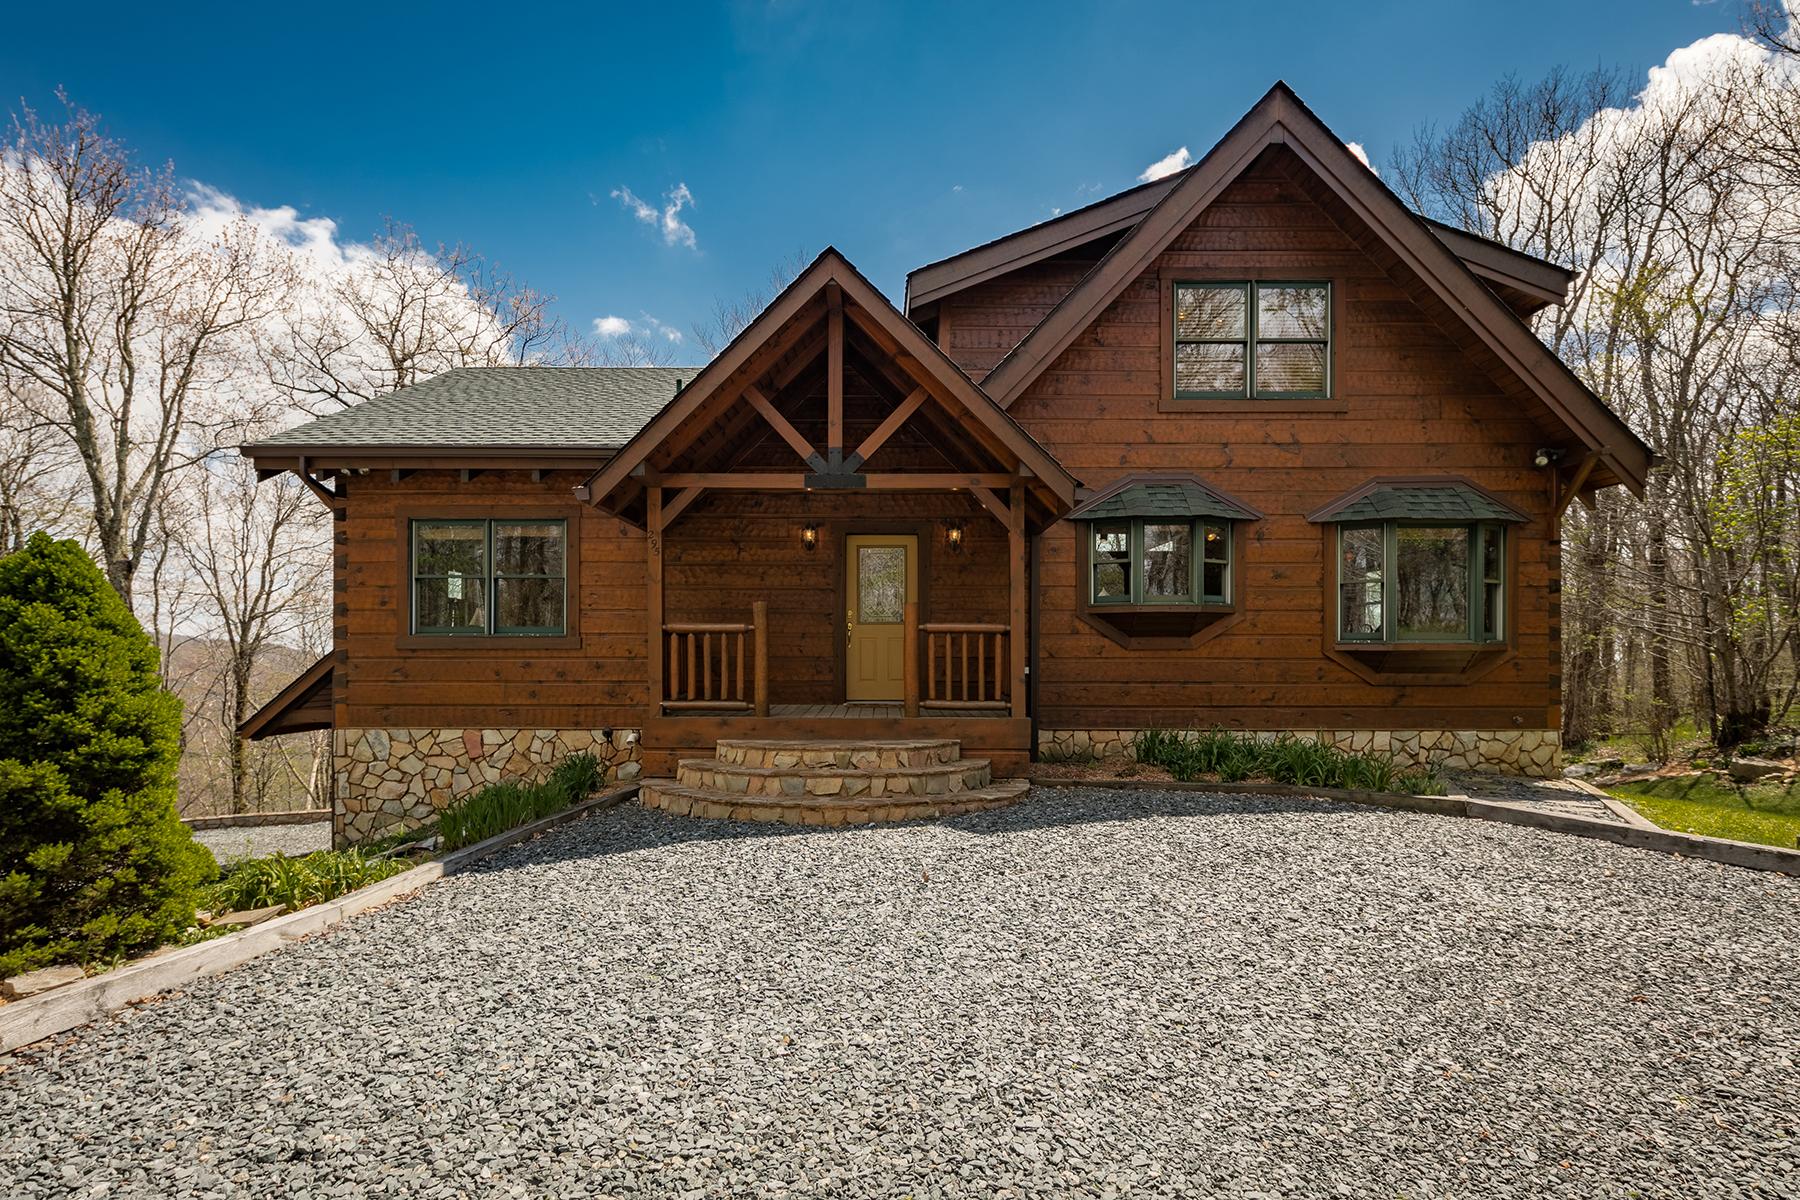 Maison unifamiliale pour l Vente à BANNER ELK - MOUNTAIN MEADOWS 295 Summit Trl Banner Elk, Carolina Du Nord, 28604 États-Unis